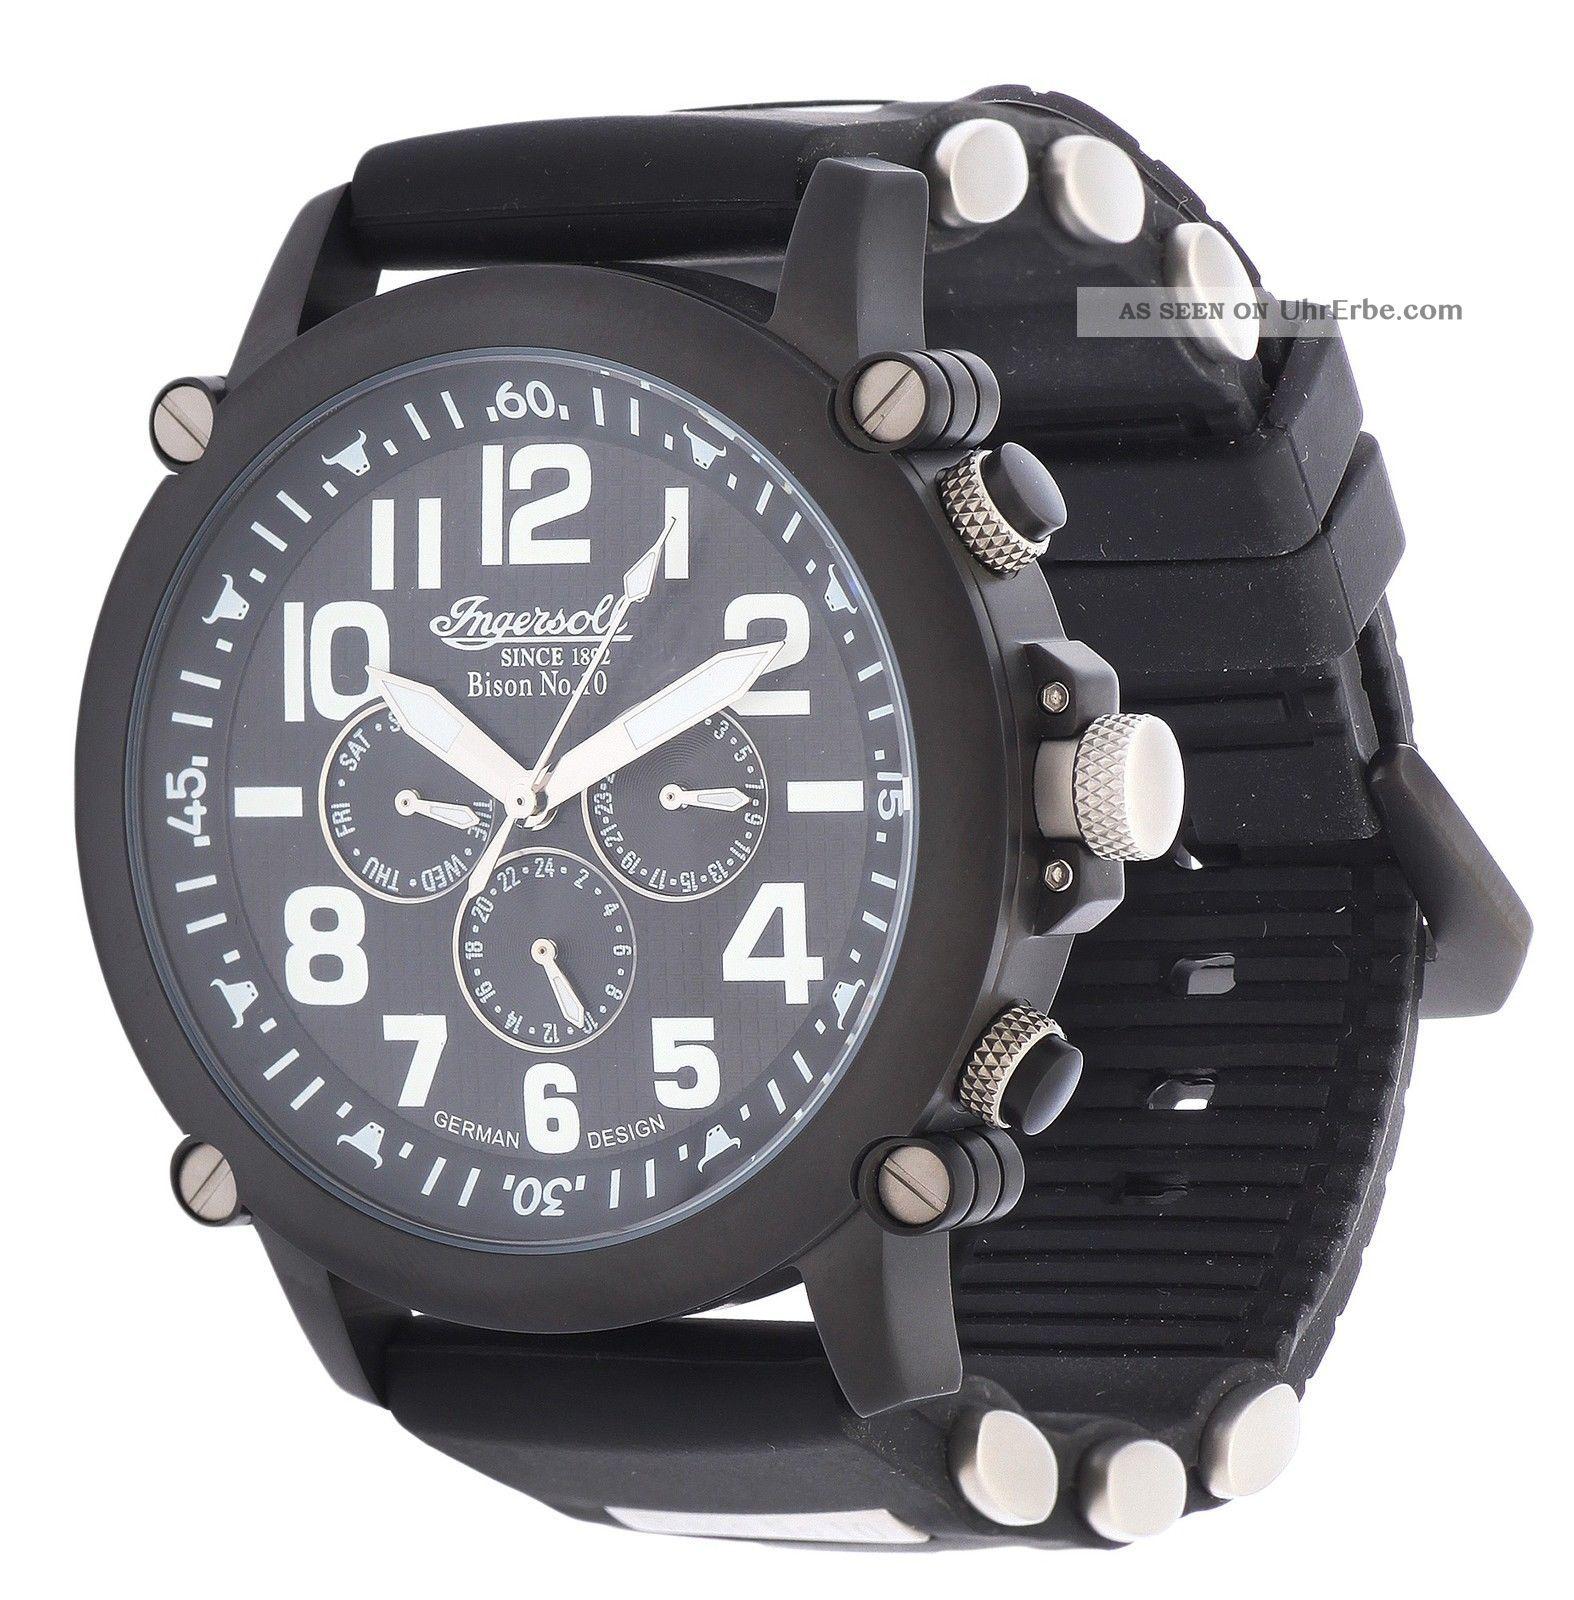 Ingersoll Herren Automatik Uhr Bison No.  10 Schwarz In1610bbk Armbanduhren Bild